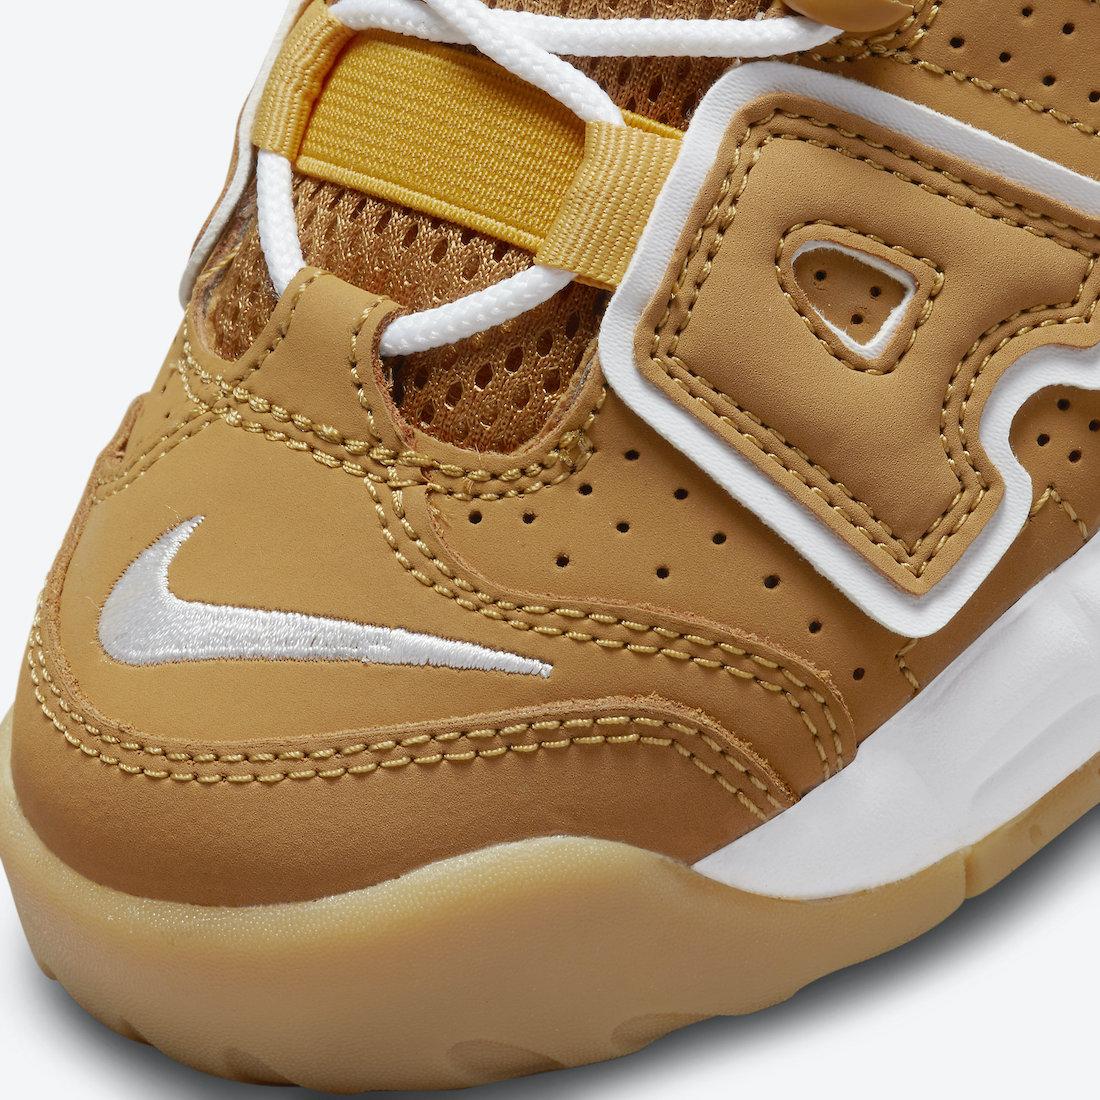 小麦色, Nike Air More Uptempo, Nike Air, NIKE